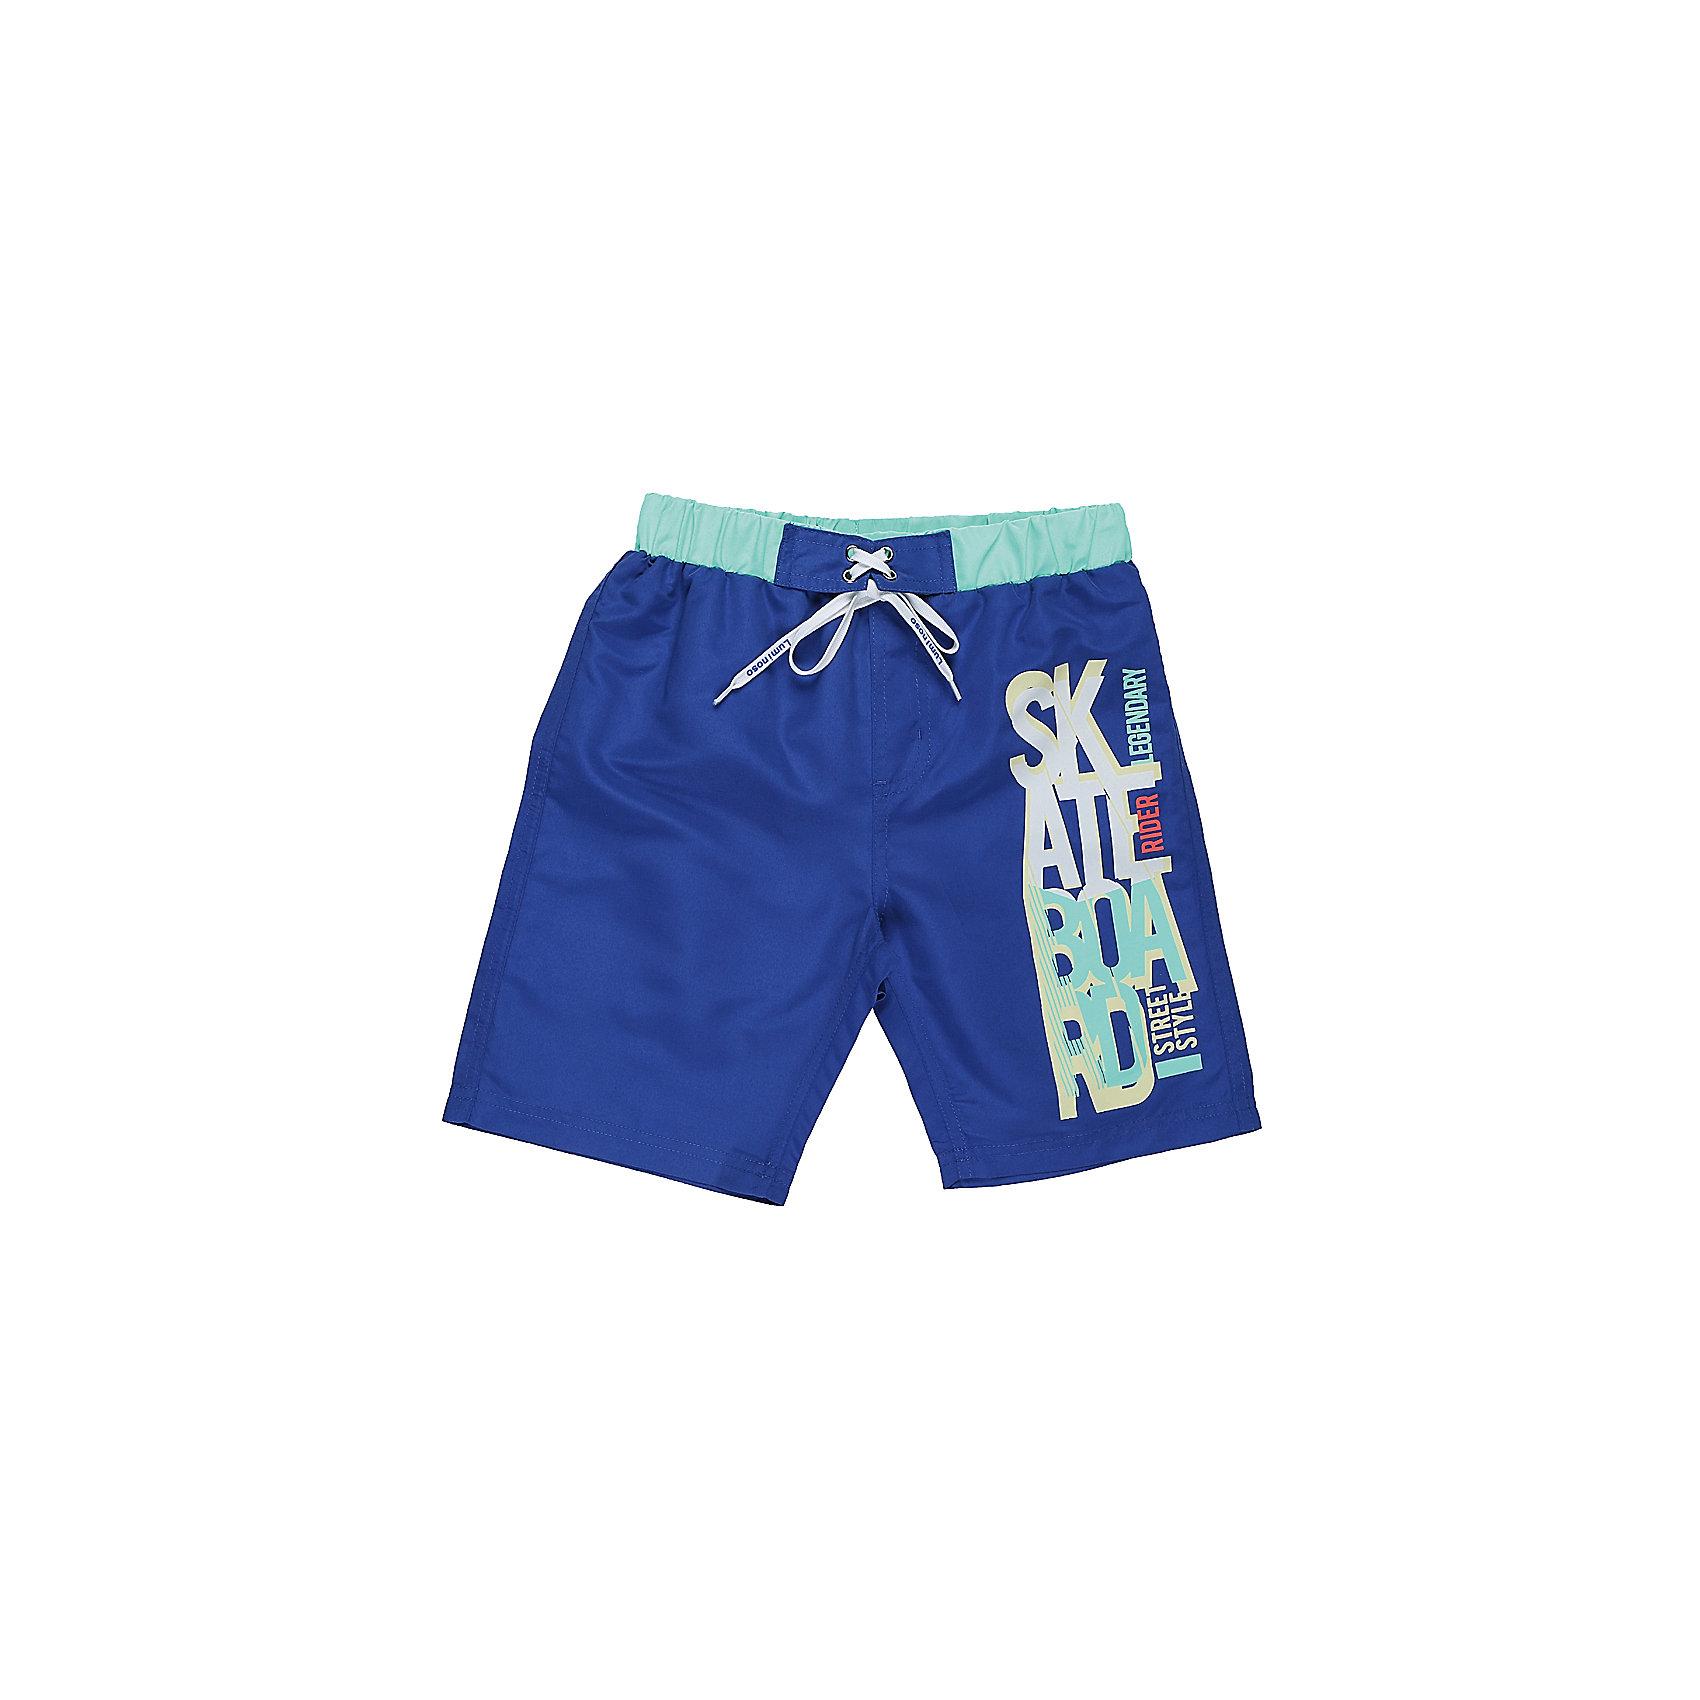 Шорты пляжные для мальчика LuminosoКупальные шорты для мальчика с ярким принтом выполнены из легкого быстросохнущего материала. Пояс-резинка дополнен шнуром для регулирования объема.<br>Состав:<br>100% полиэстер<br><br>Ширина мм: 191<br>Глубина мм: 10<br>Высота мм: 175<br>Вес г: 273<br>Цвет: разноцветный<br>Возраст от месяцев: 96<br>Возраст до месяцев: 108<br>Пол: Мужской<br>Возраст: Детский<br>Размер: 134,140,146,152,158,164<br>SKU: 5409562